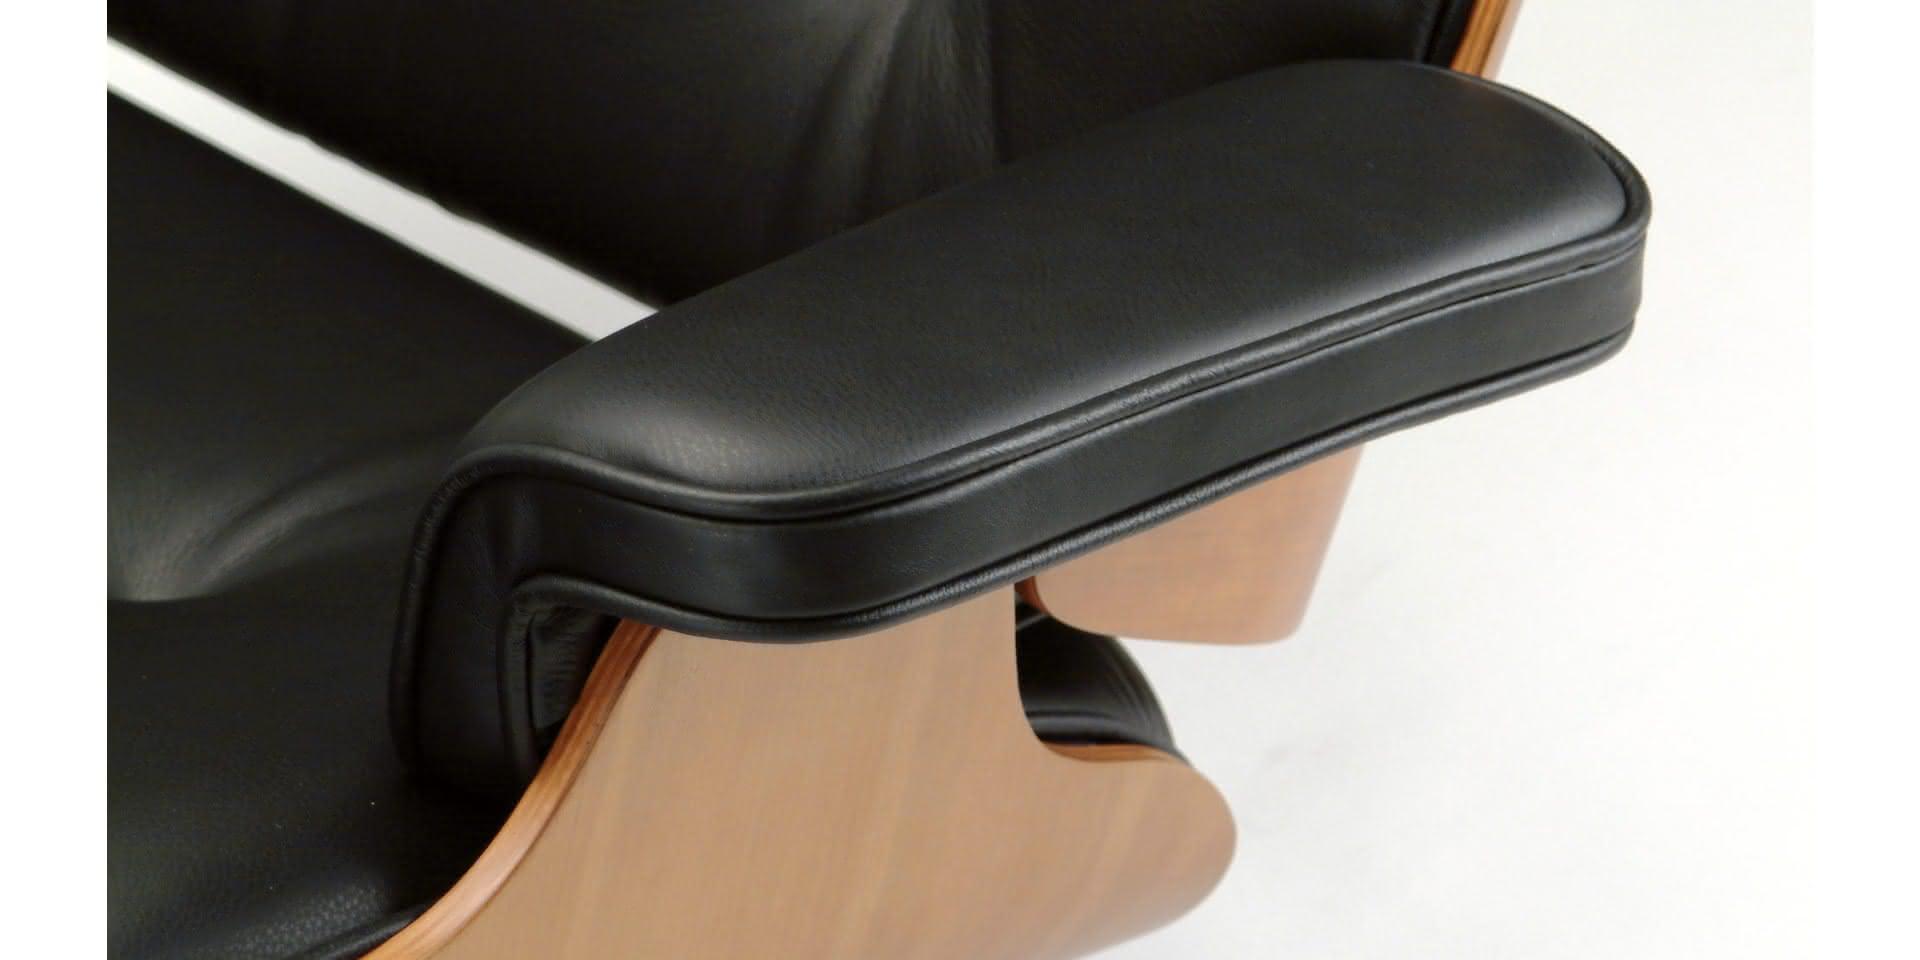 eames 2 seat sofa replica sofas in sri lanka damro lounge chair chaise longue avec revêtement en cuir